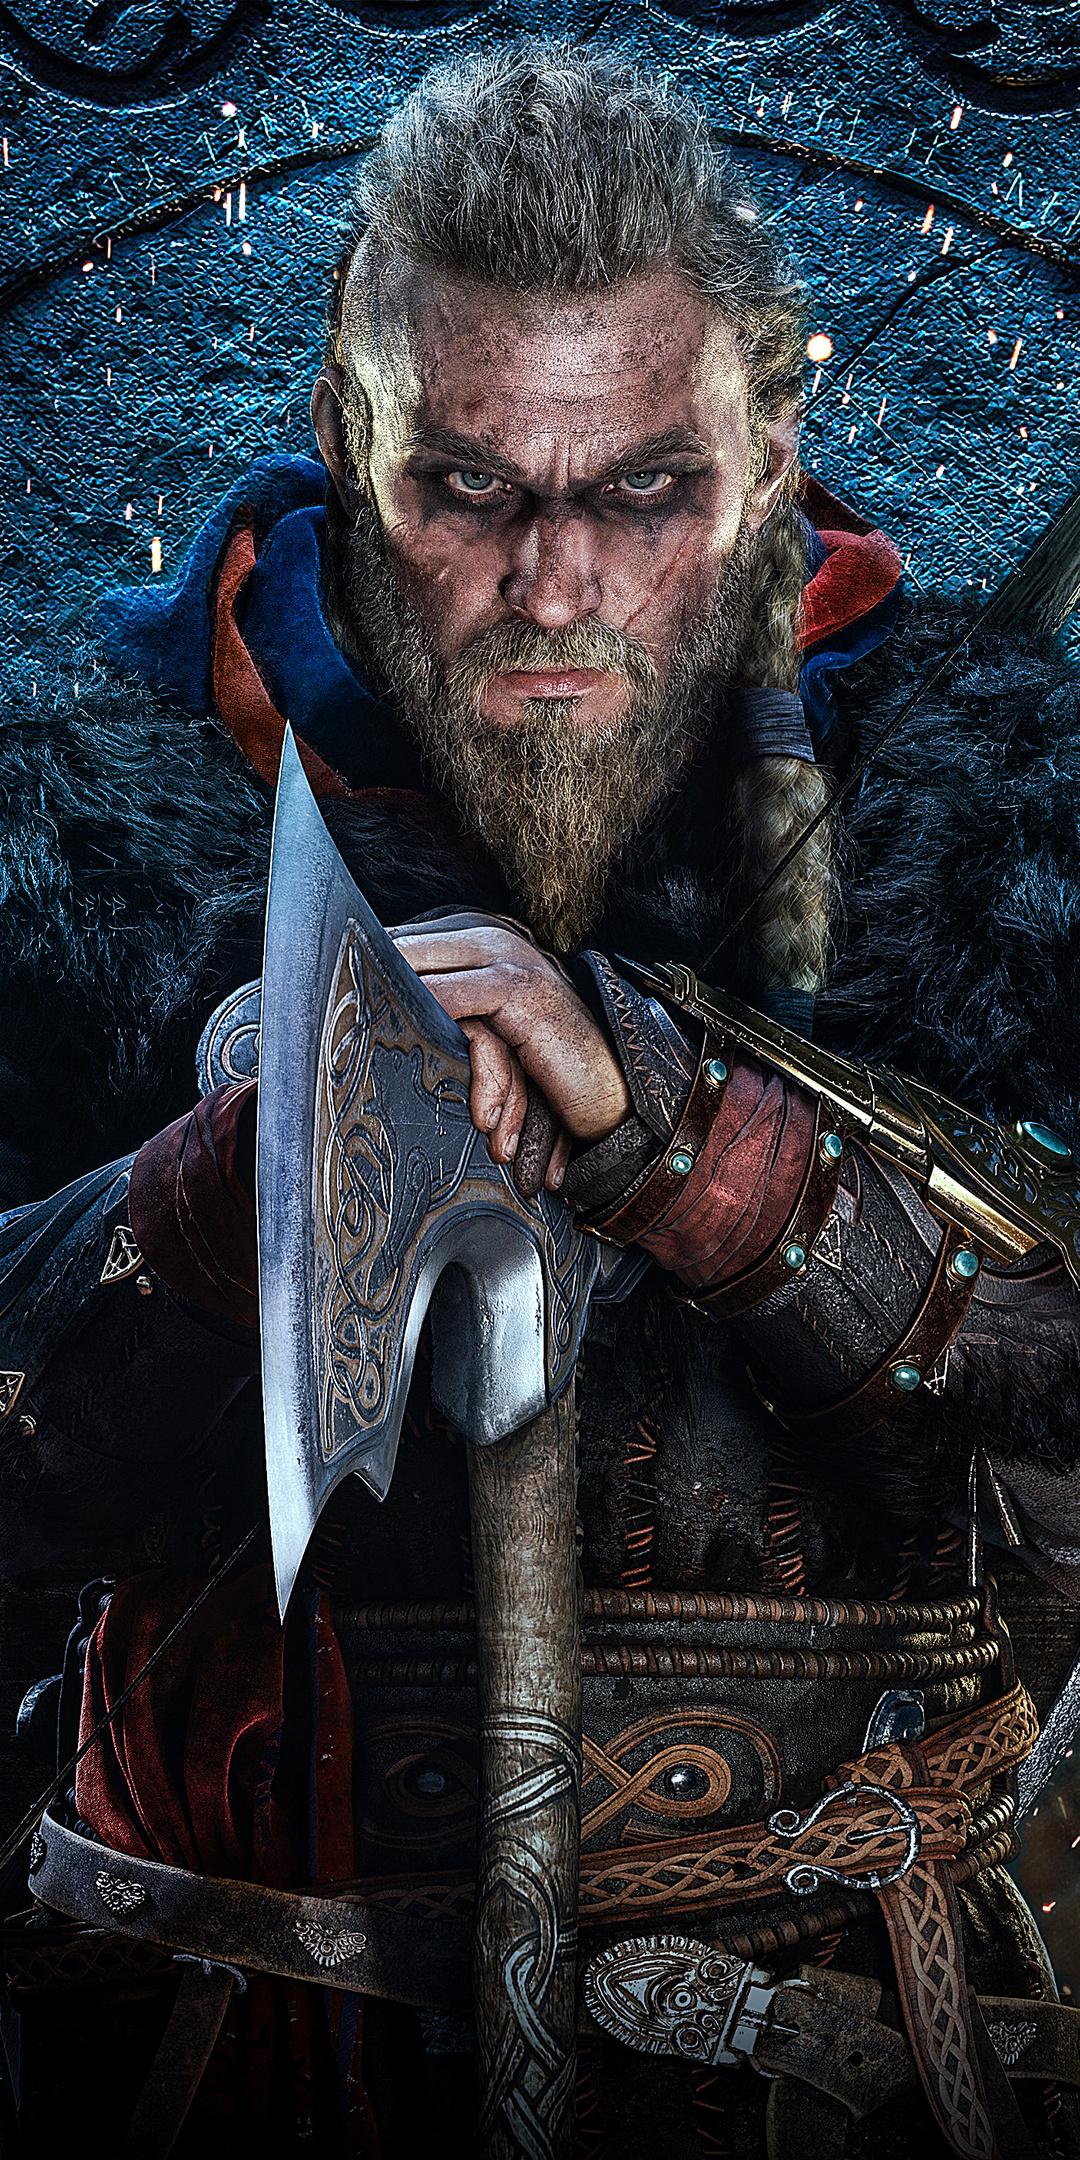 assassins-creed-valhalla-2021-5k-2u.jpg